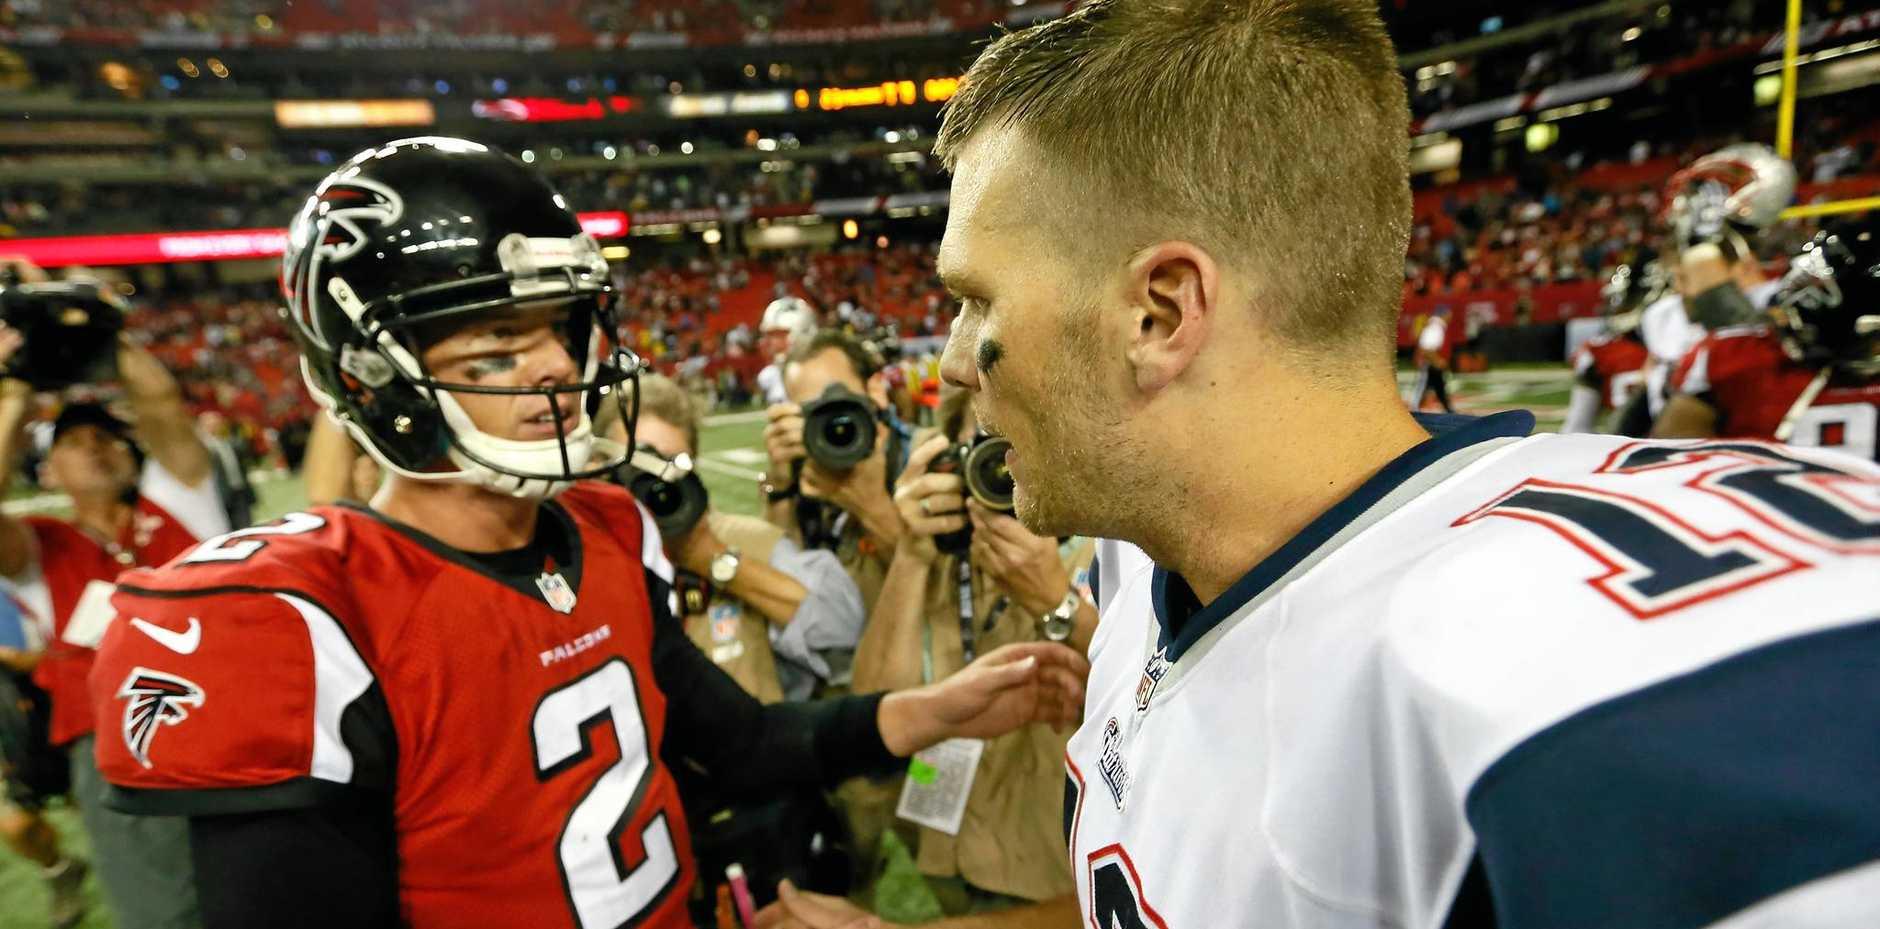 Tom Brady of the New England Patriots (right) and Matt Ryan of the Atlanta Falcons.